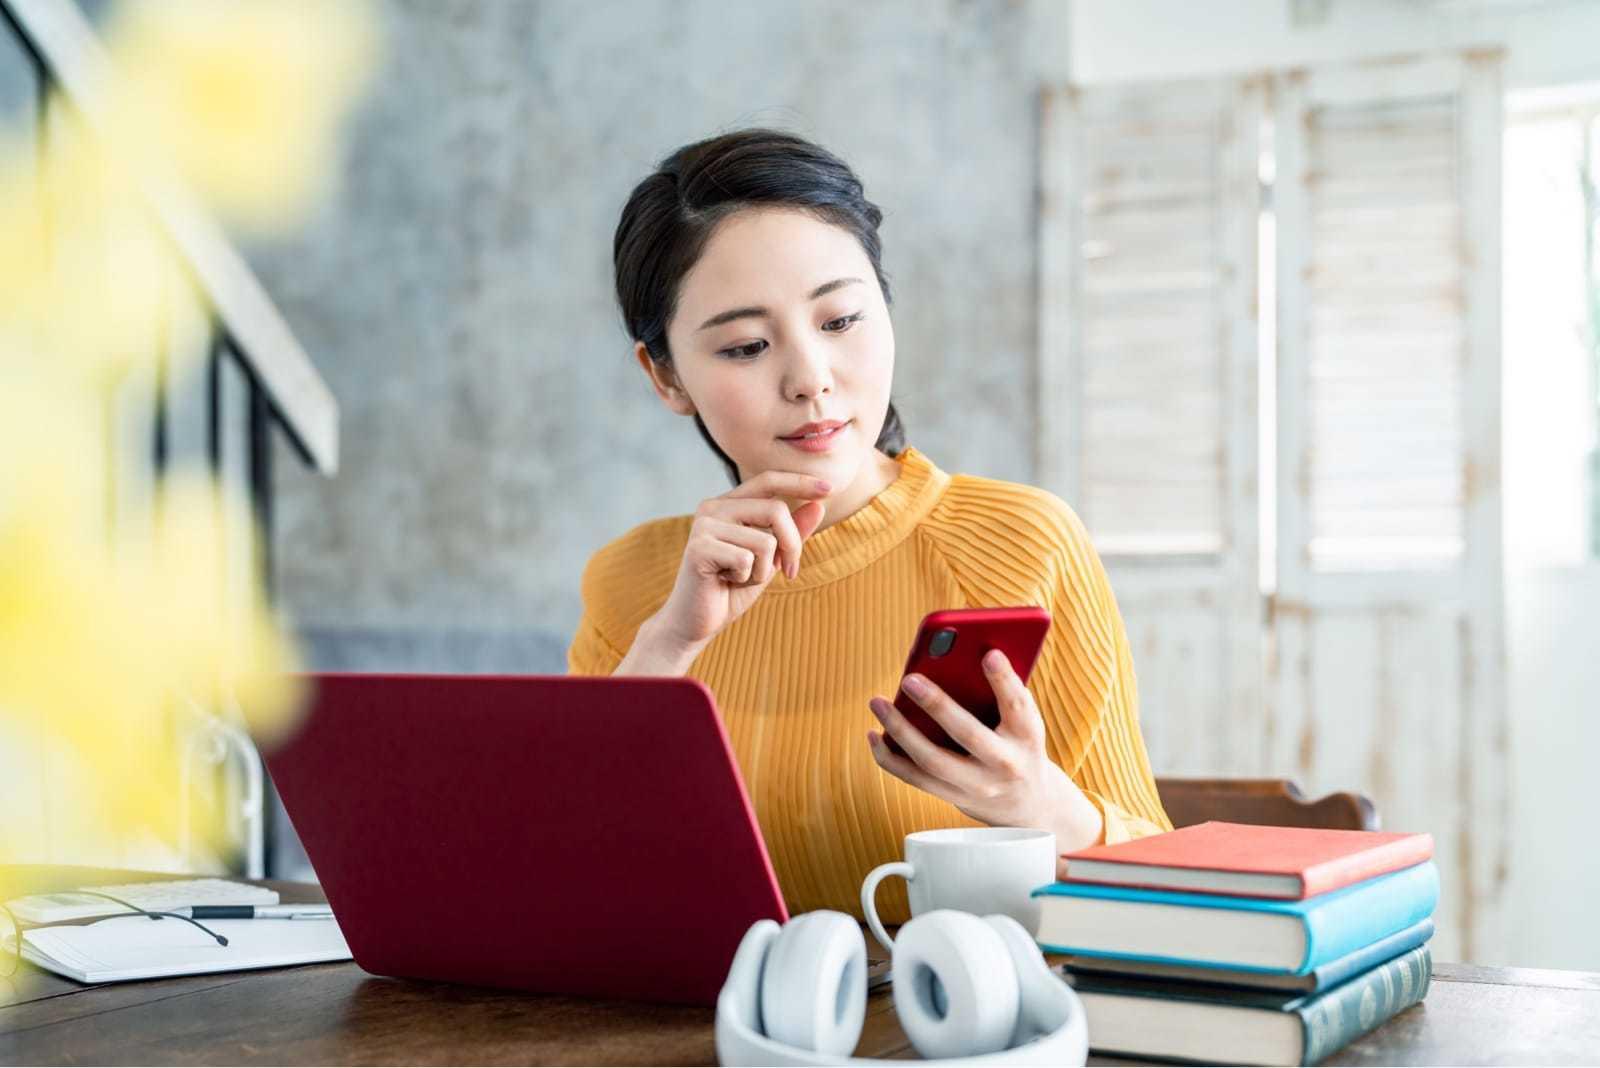 ノートパソコンを広げながらスマートフォンを見る女性